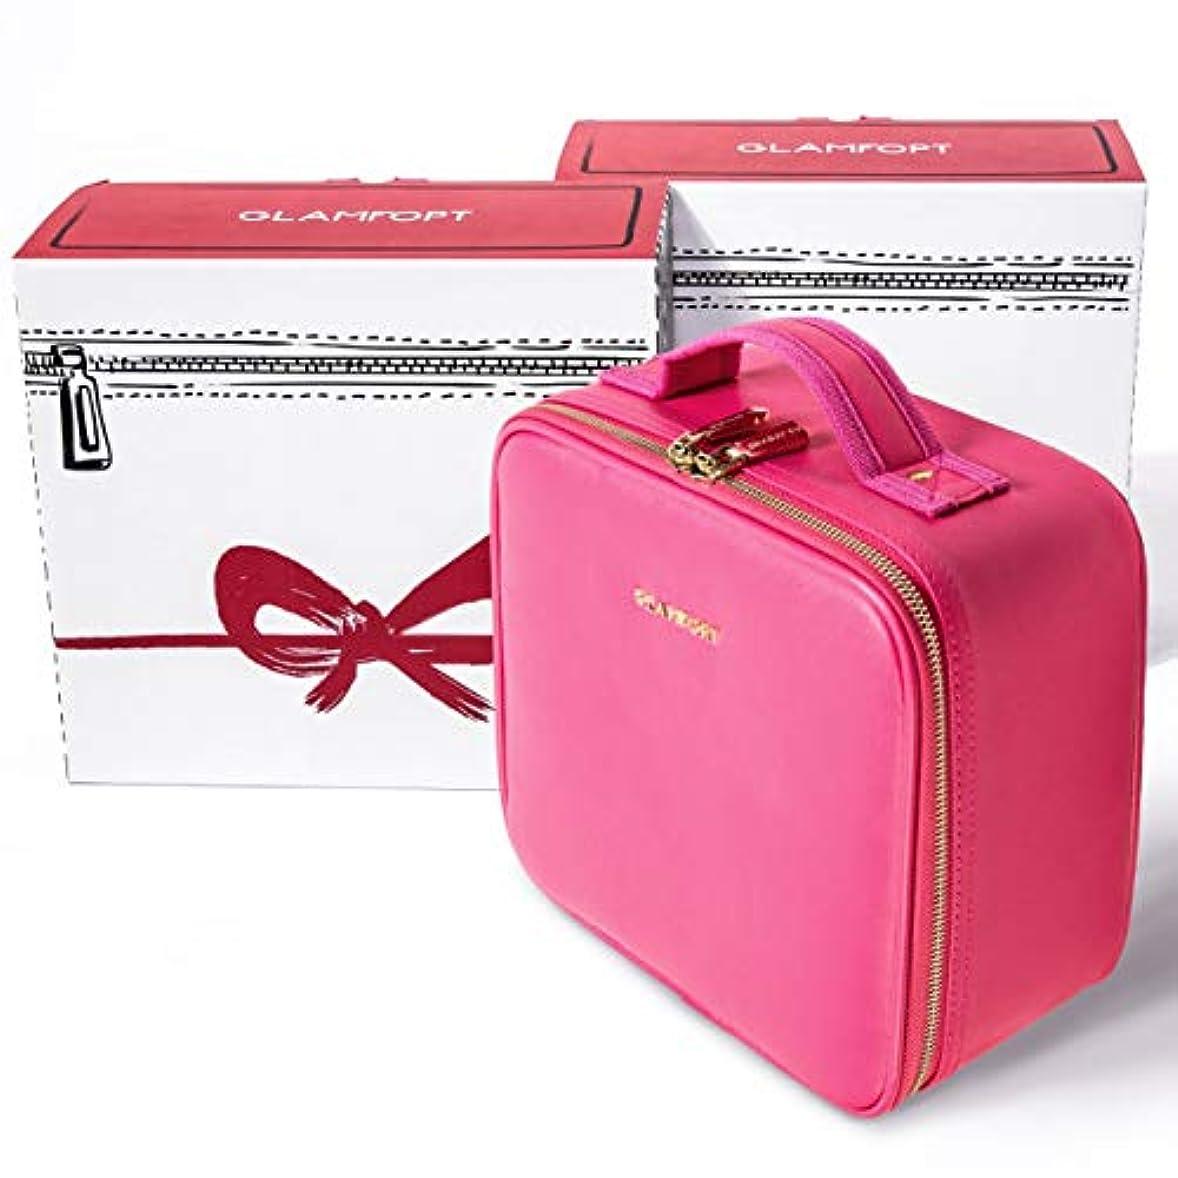 コスメバック化粧ポーチコスメポーチローズレッドの高品質の旅行コスメポーチGLAMFORT